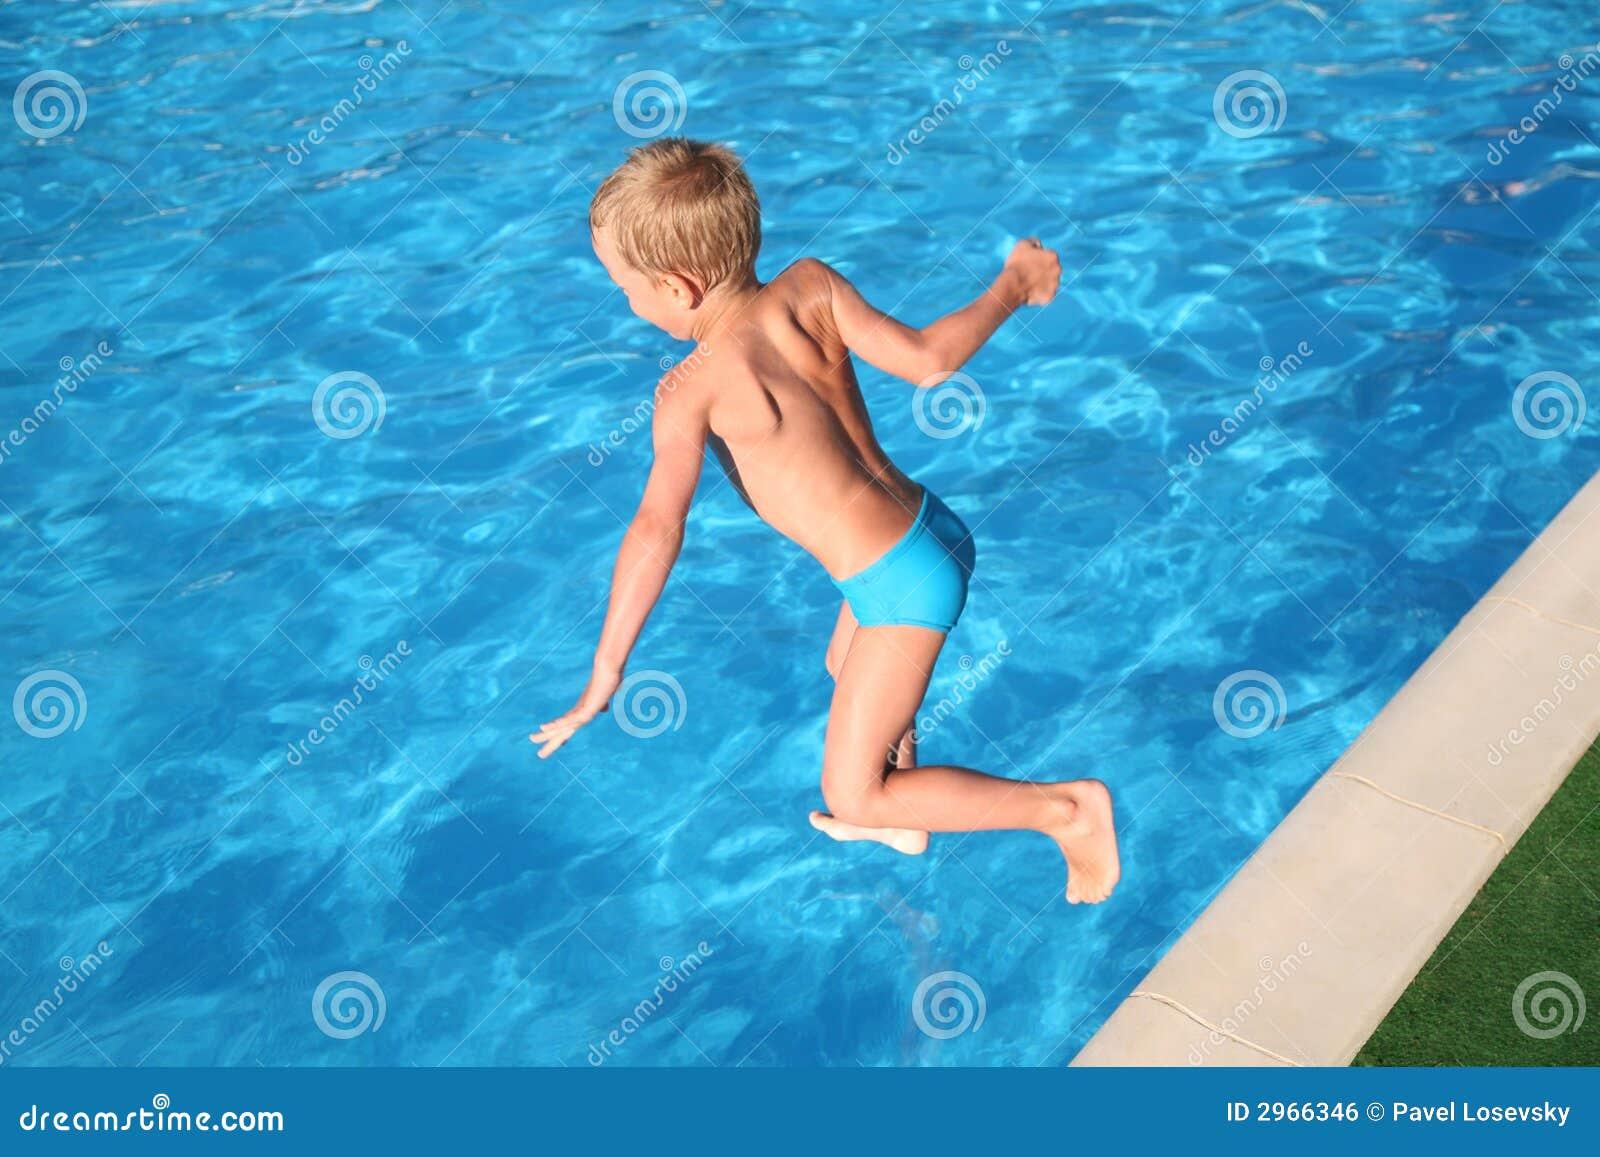 С мальчиком у бассейна 5 фотография